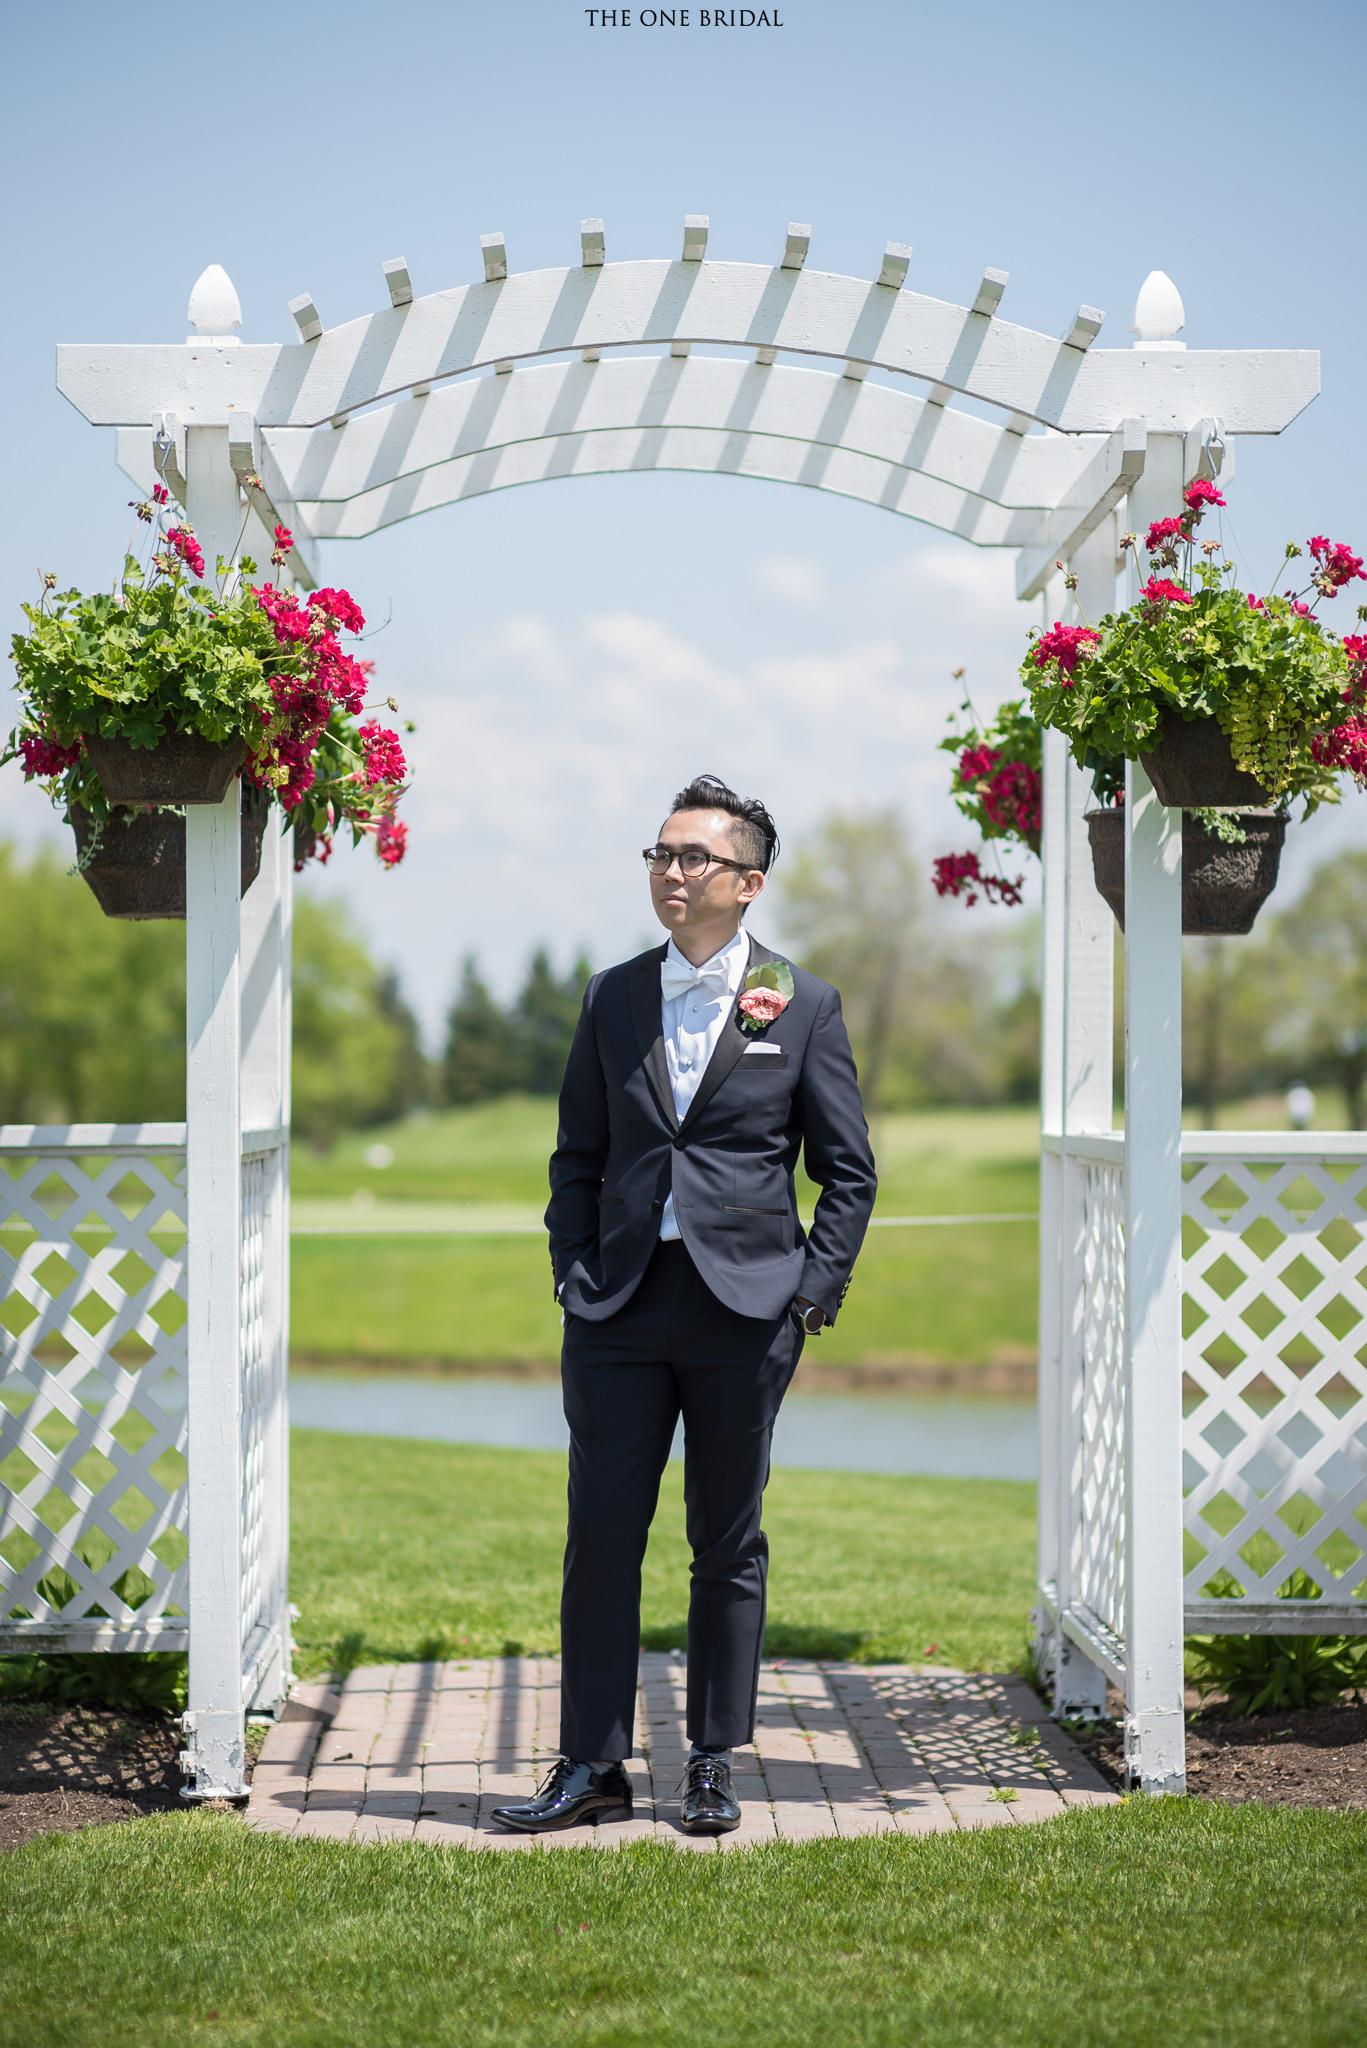 mandarin-golf-club-wedding-markham-the-one-bridal-017